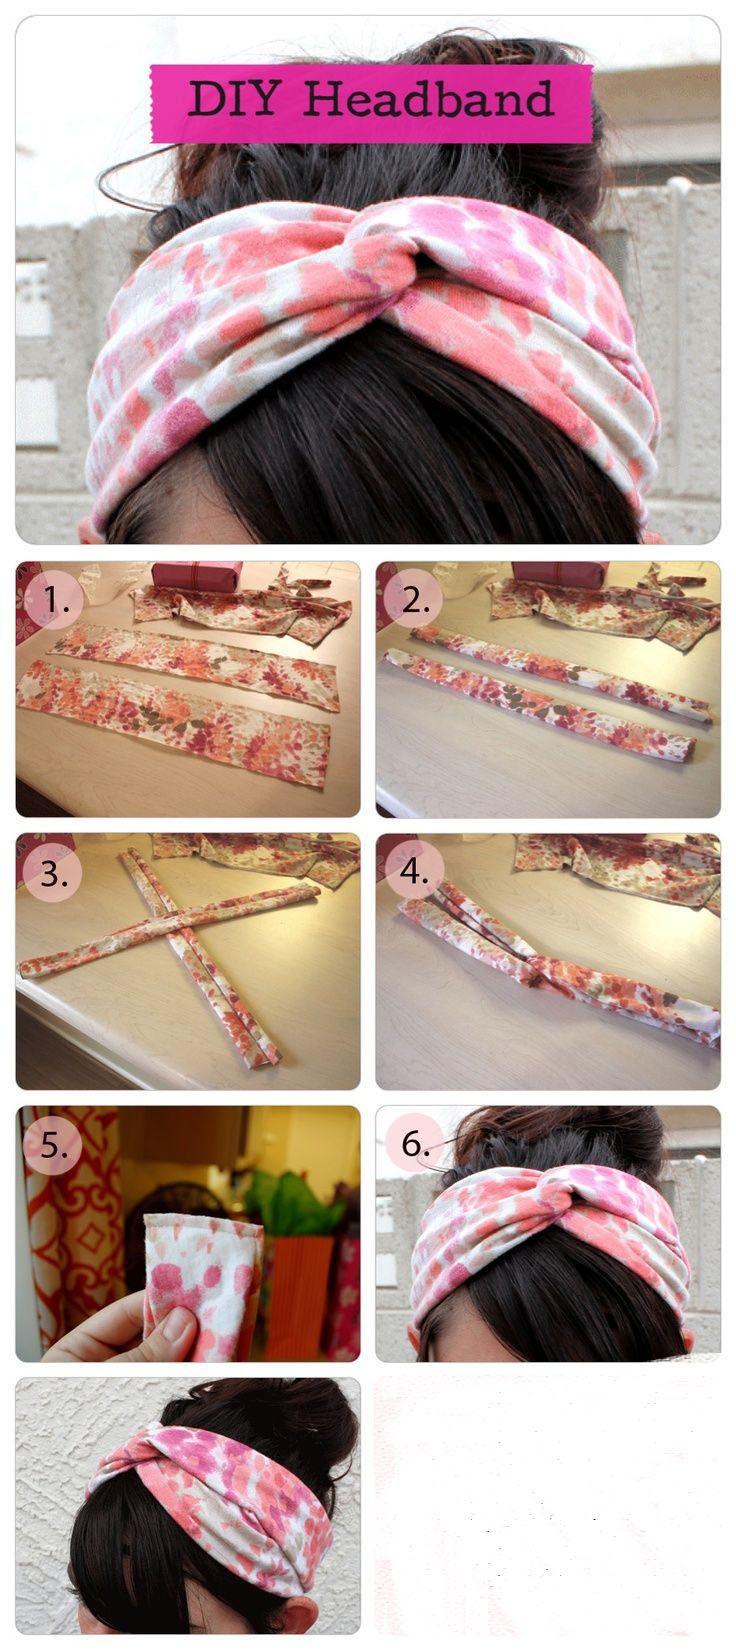 Las #Headband están de moda. Aprende a hacerlas tu misma con estos simples pasos, y luce genial con diferentes modelos #DIY